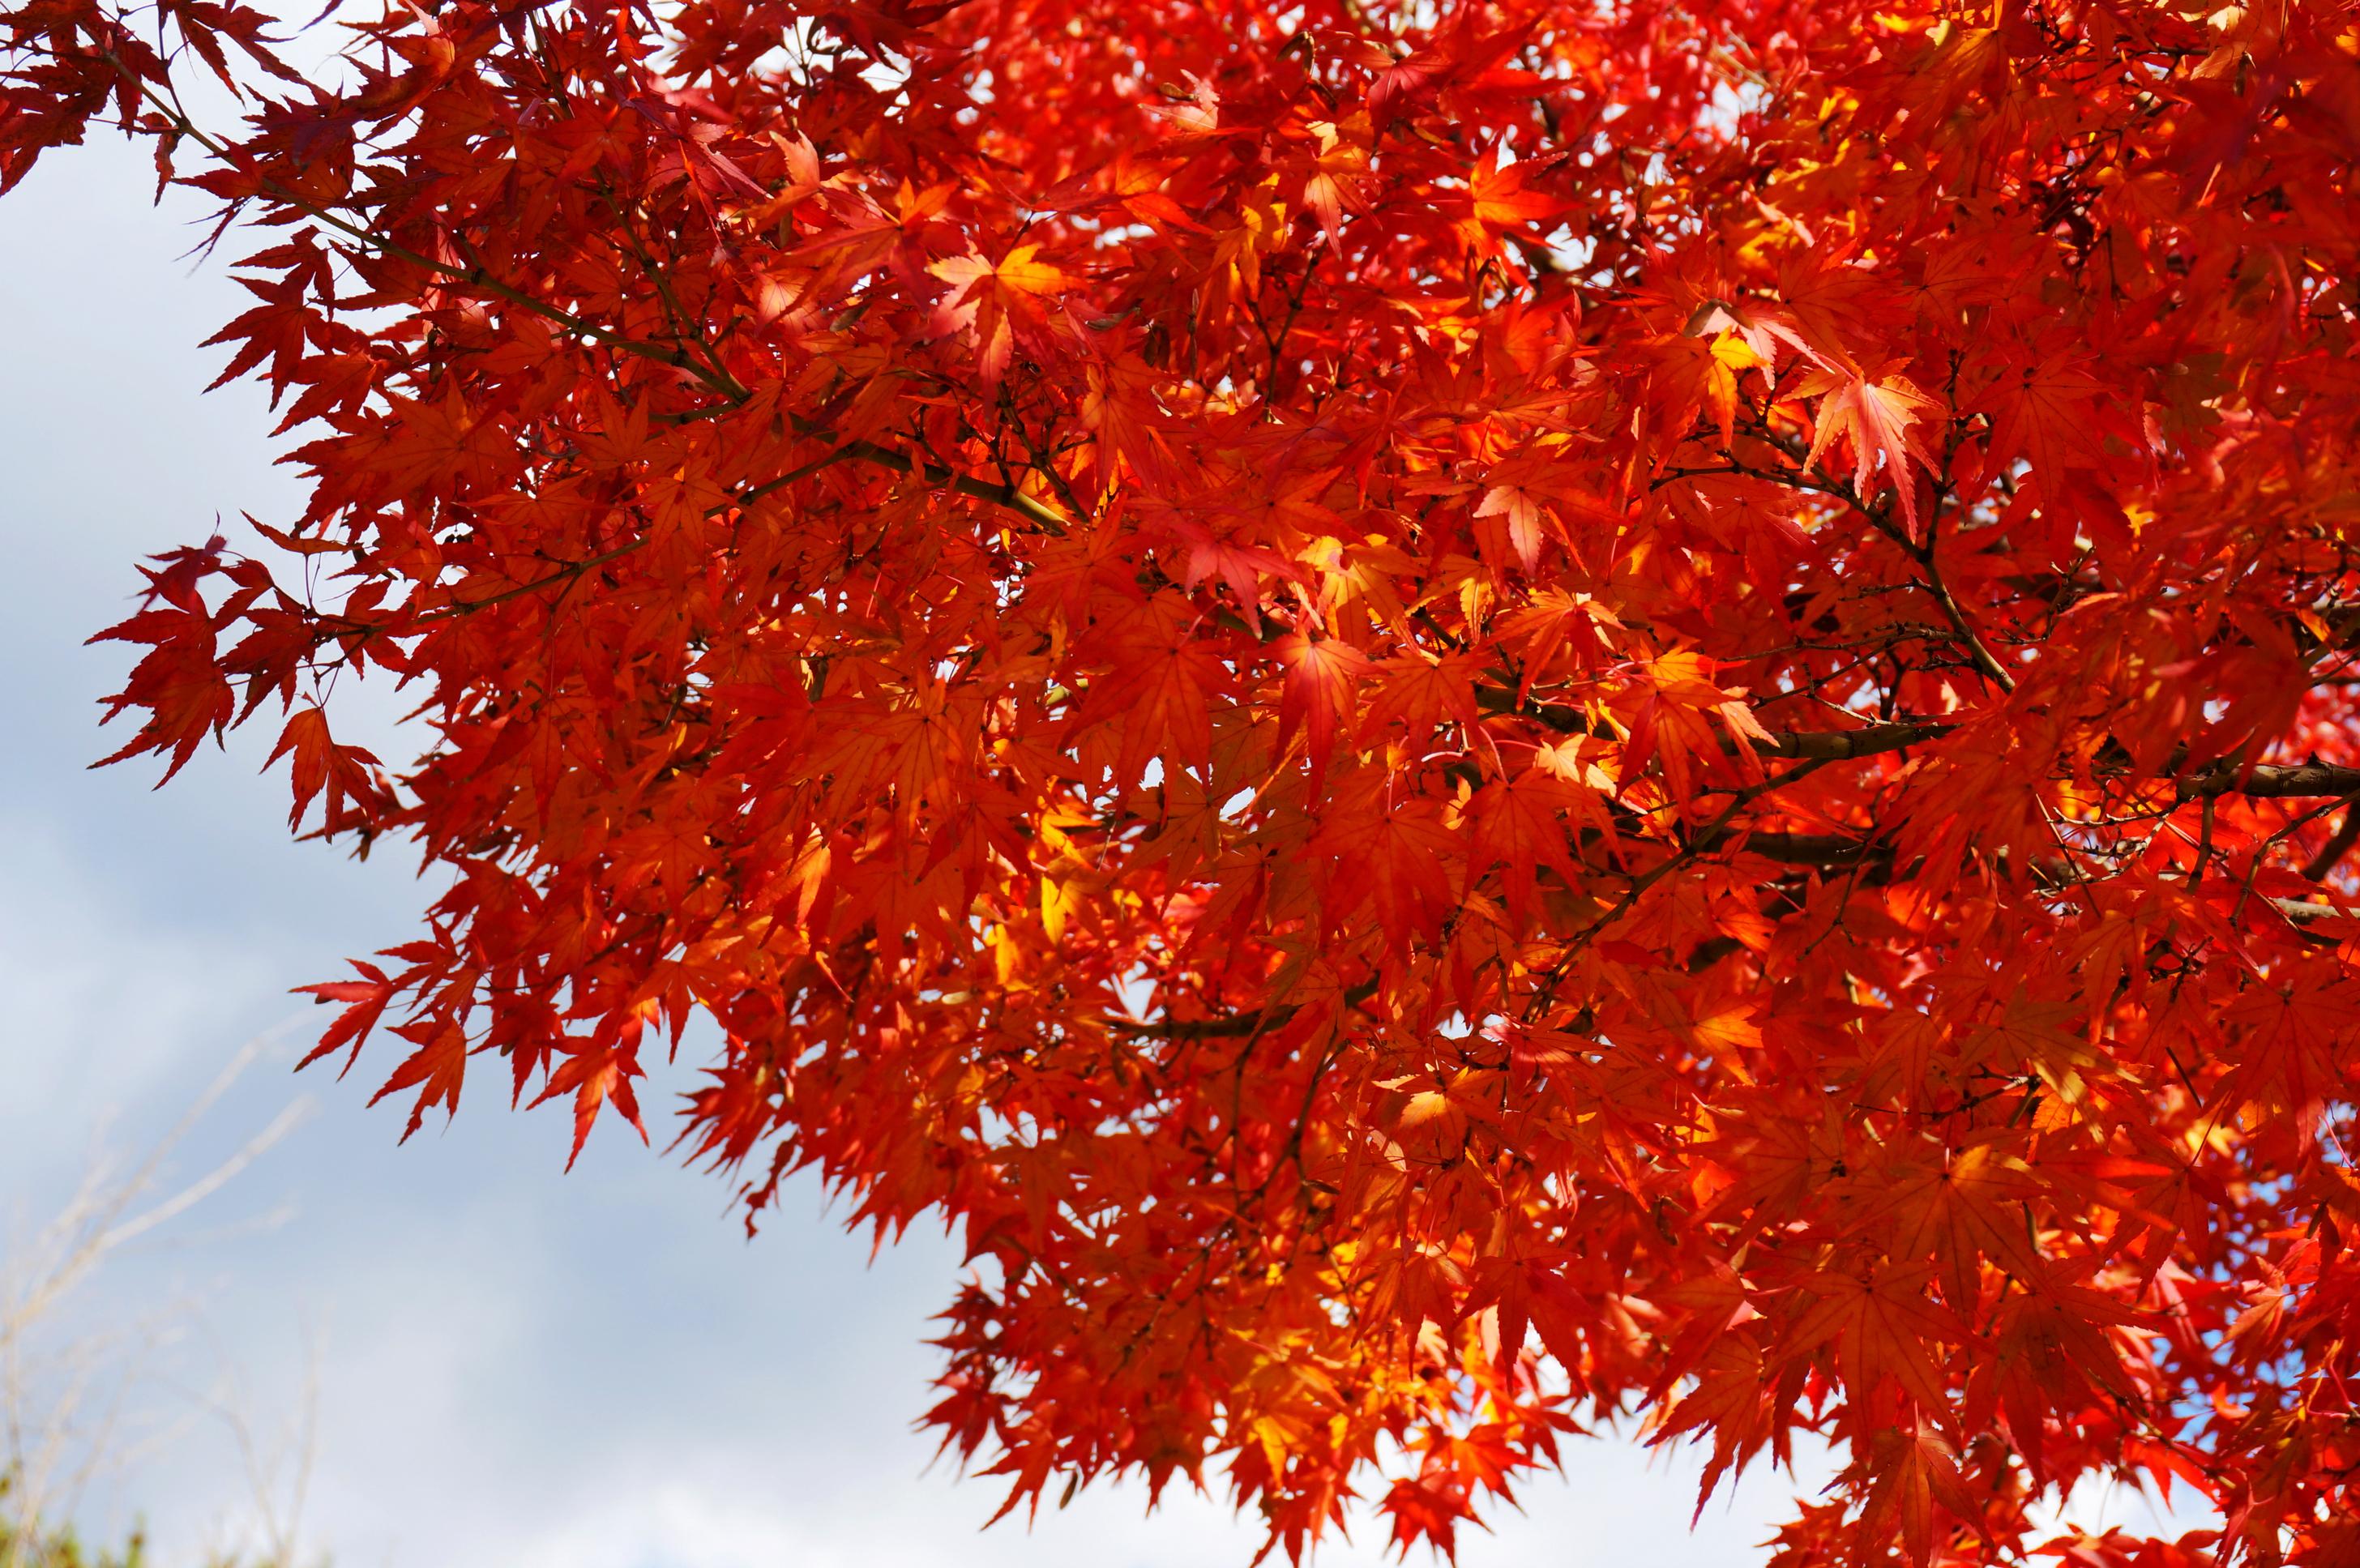 秋冬天的苹果树叶